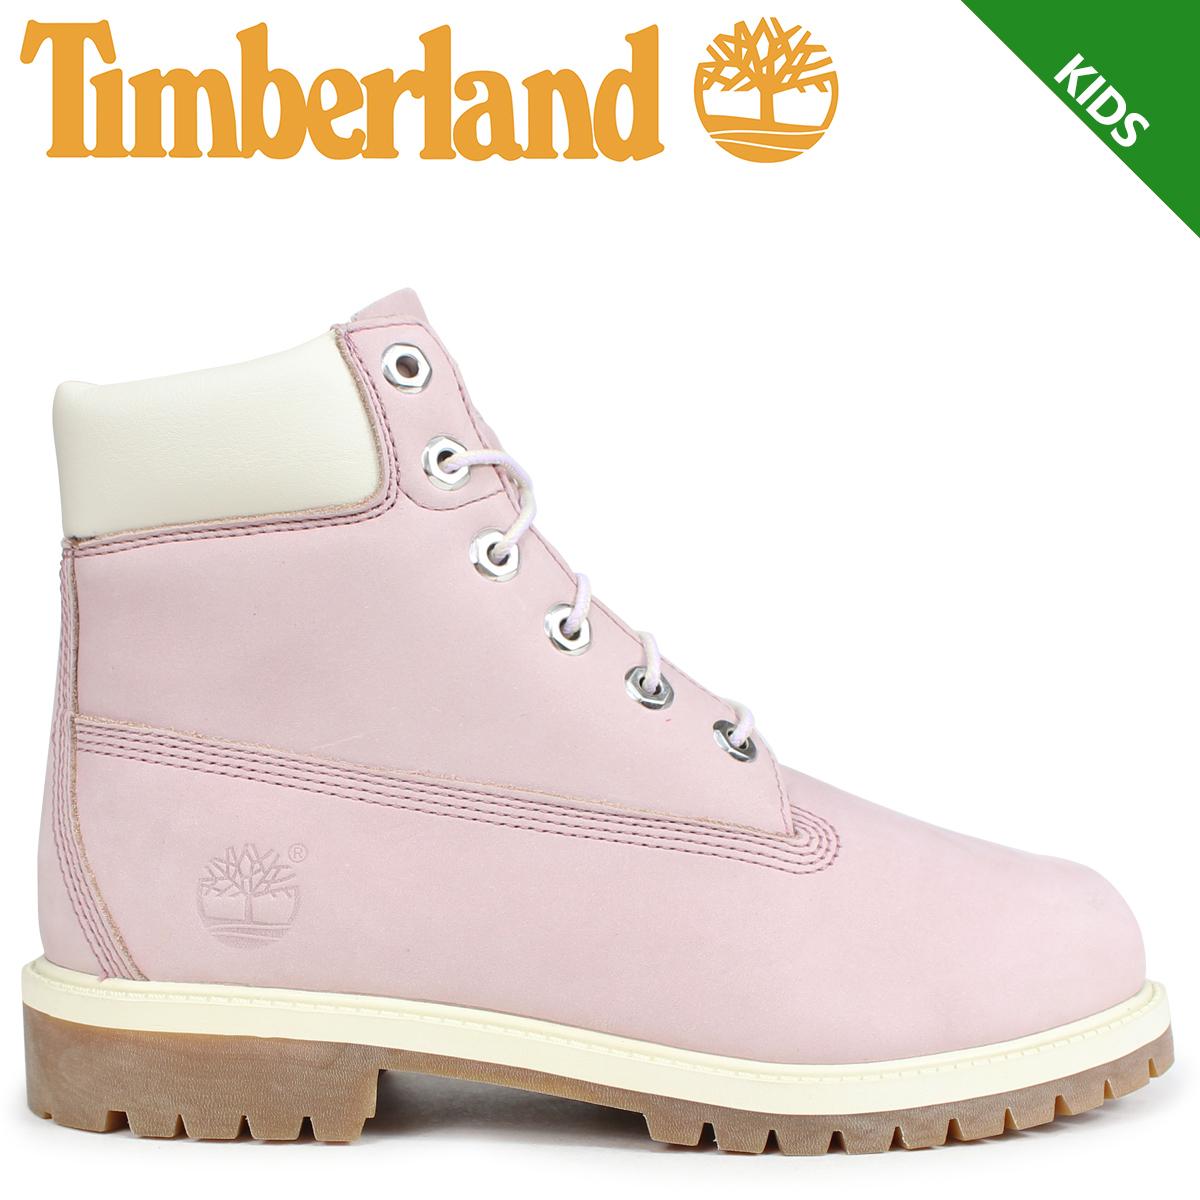 Timberland ブーツ レディース 6インチ ティンバーランド キッズ JUNIOR 6-INCH PREMIUM WATERPROOF BOOTS 34992 Wワイズ ピンク